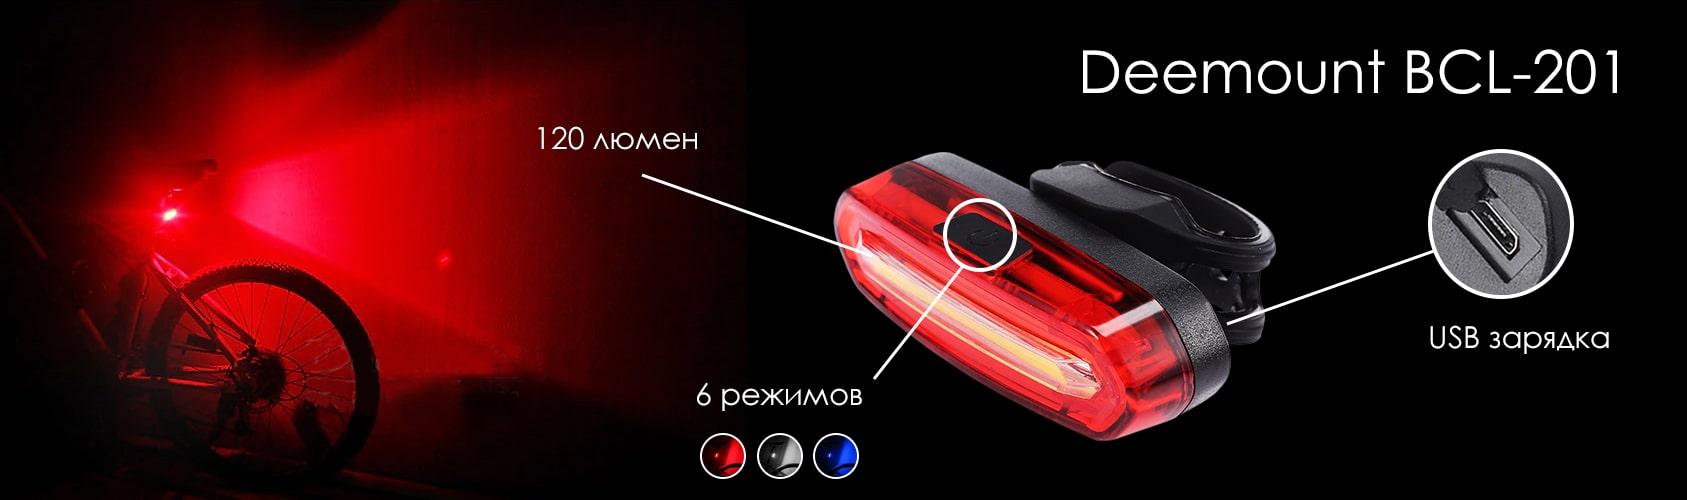 Задний фонарь Deemount BCL-201